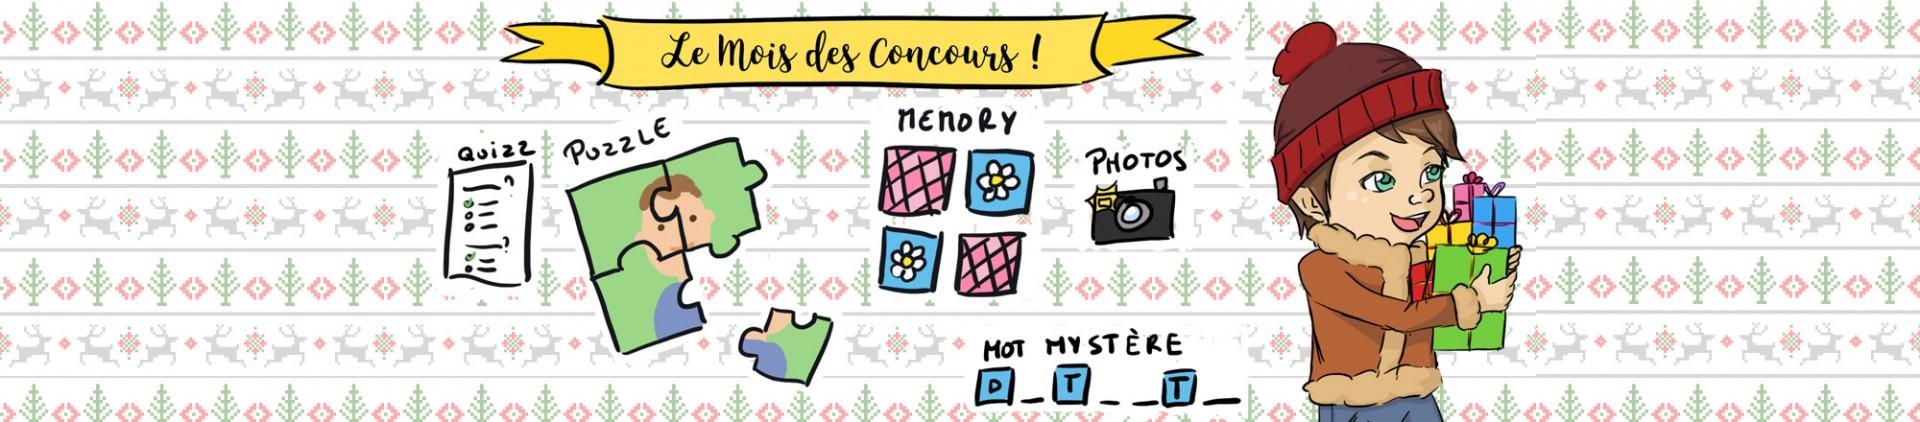 Le mois des concours en province de Liège